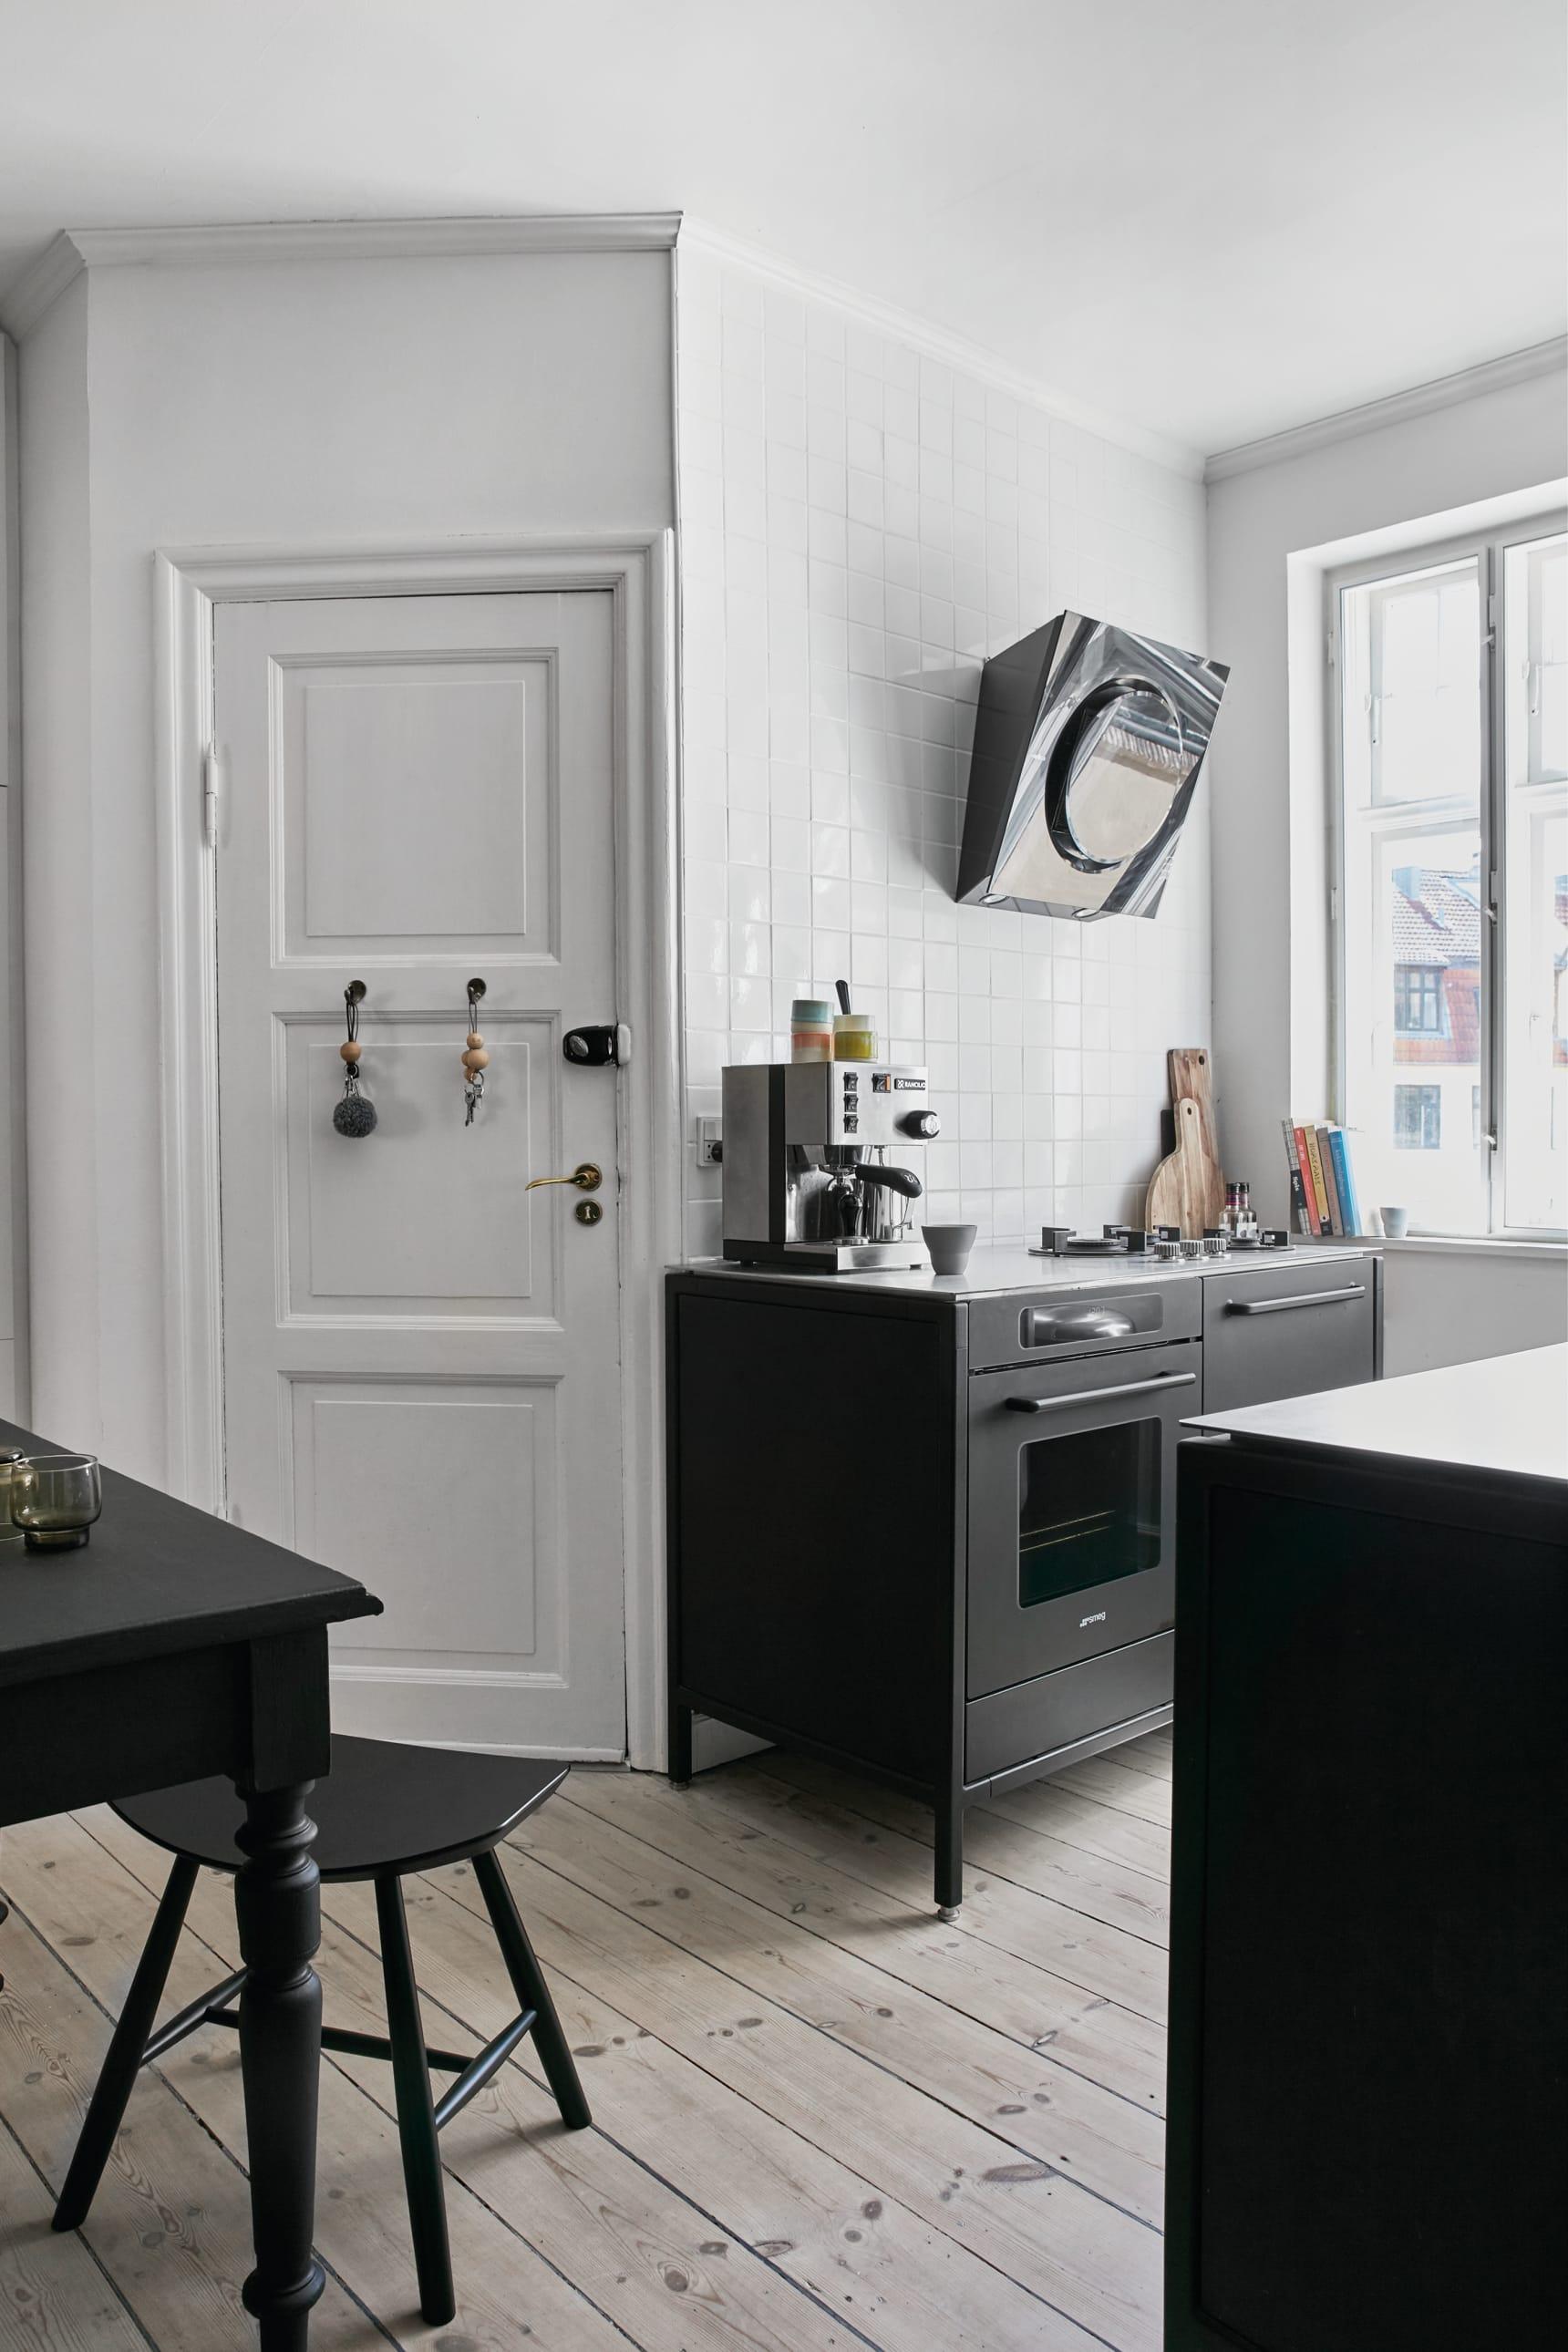 Küchen-Design Inspirationen: So könnte Deine nächste Küche aussehen 20